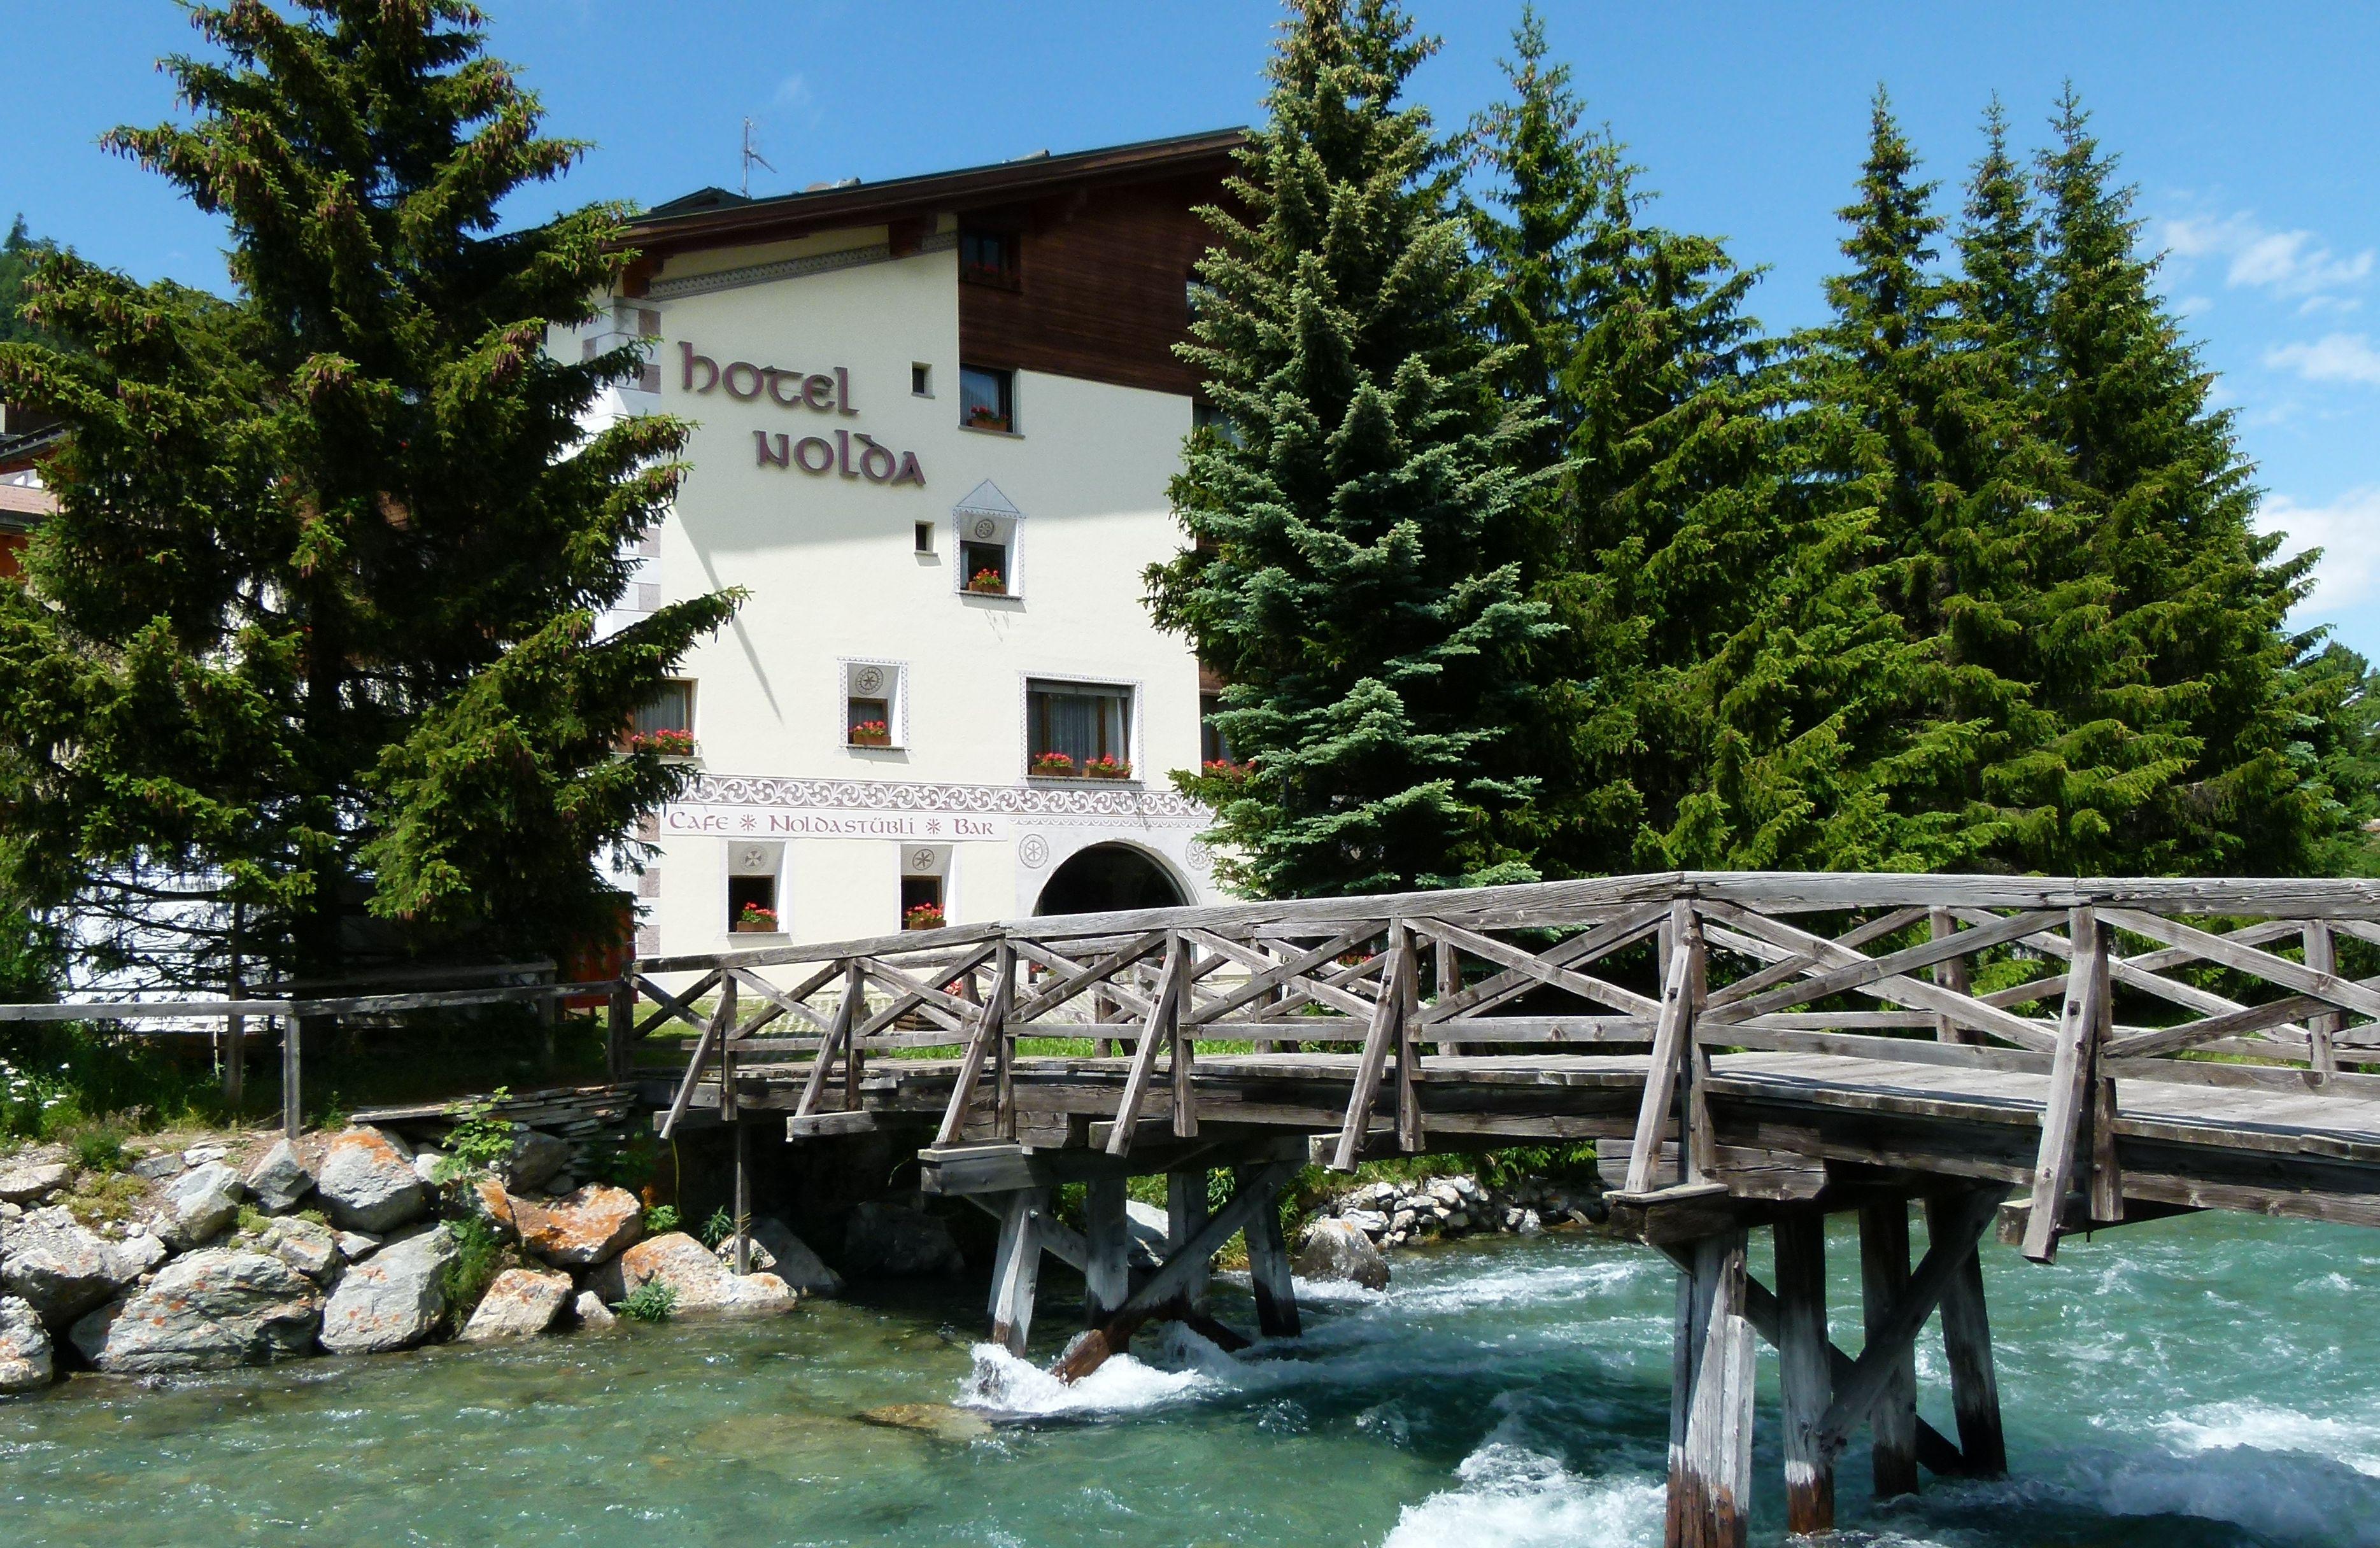 Hotel Nolda